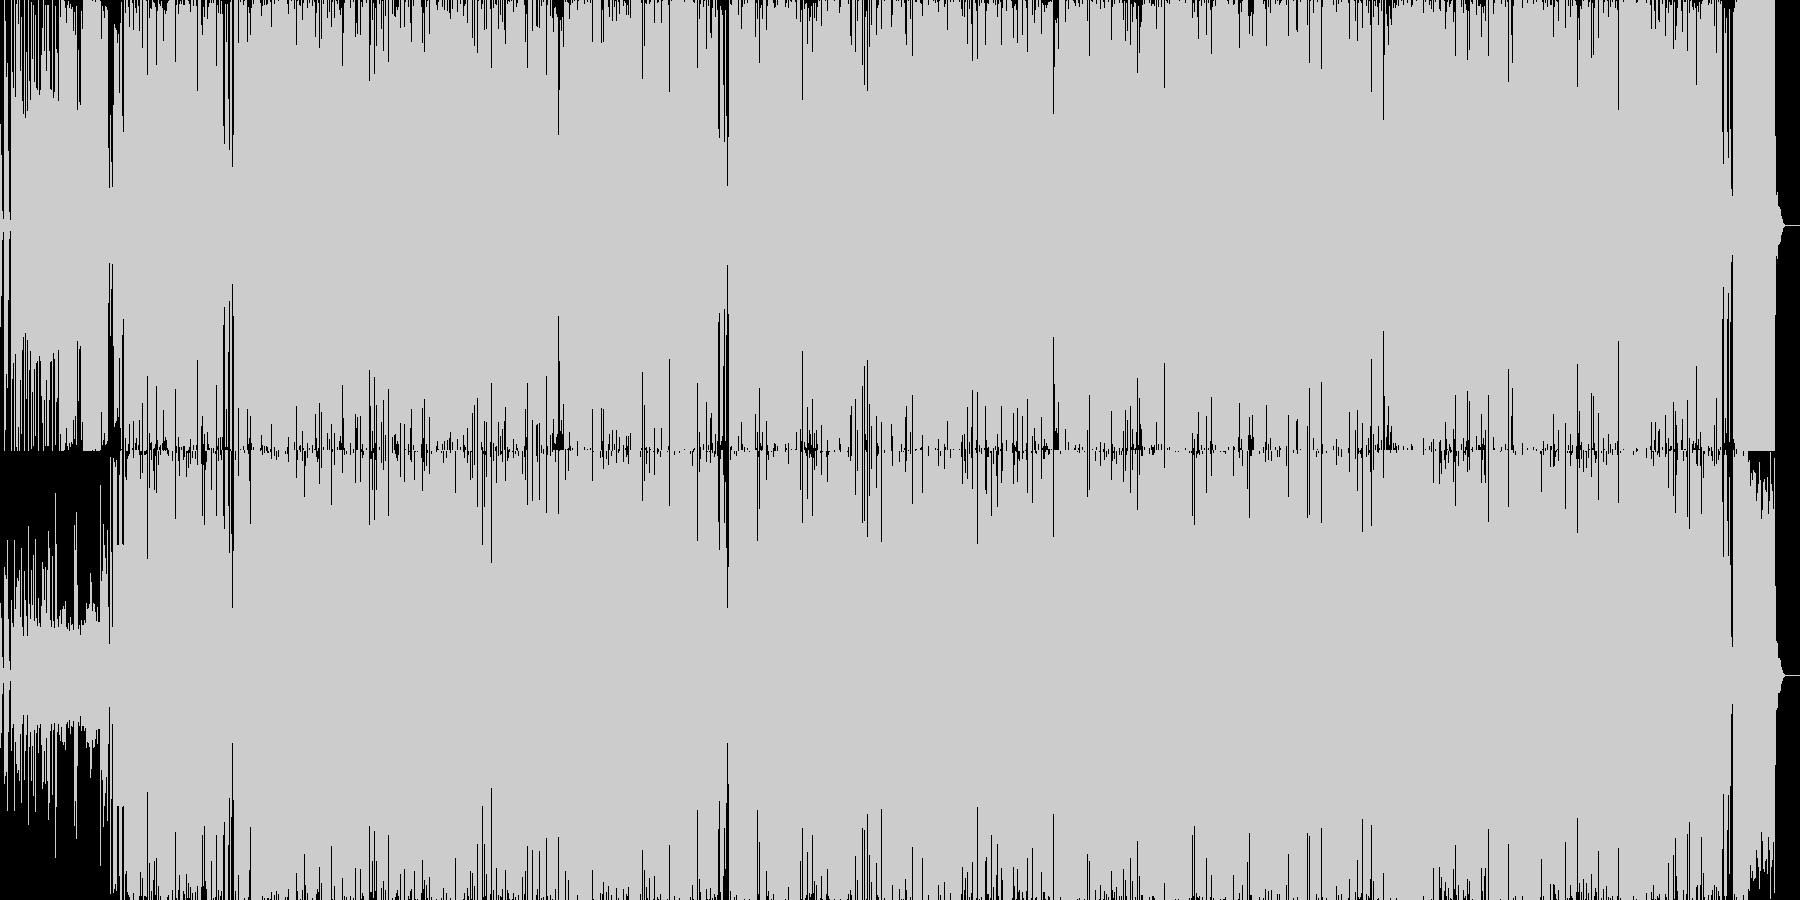 土佐弁歌詞のフォークポップスの未再生の波形